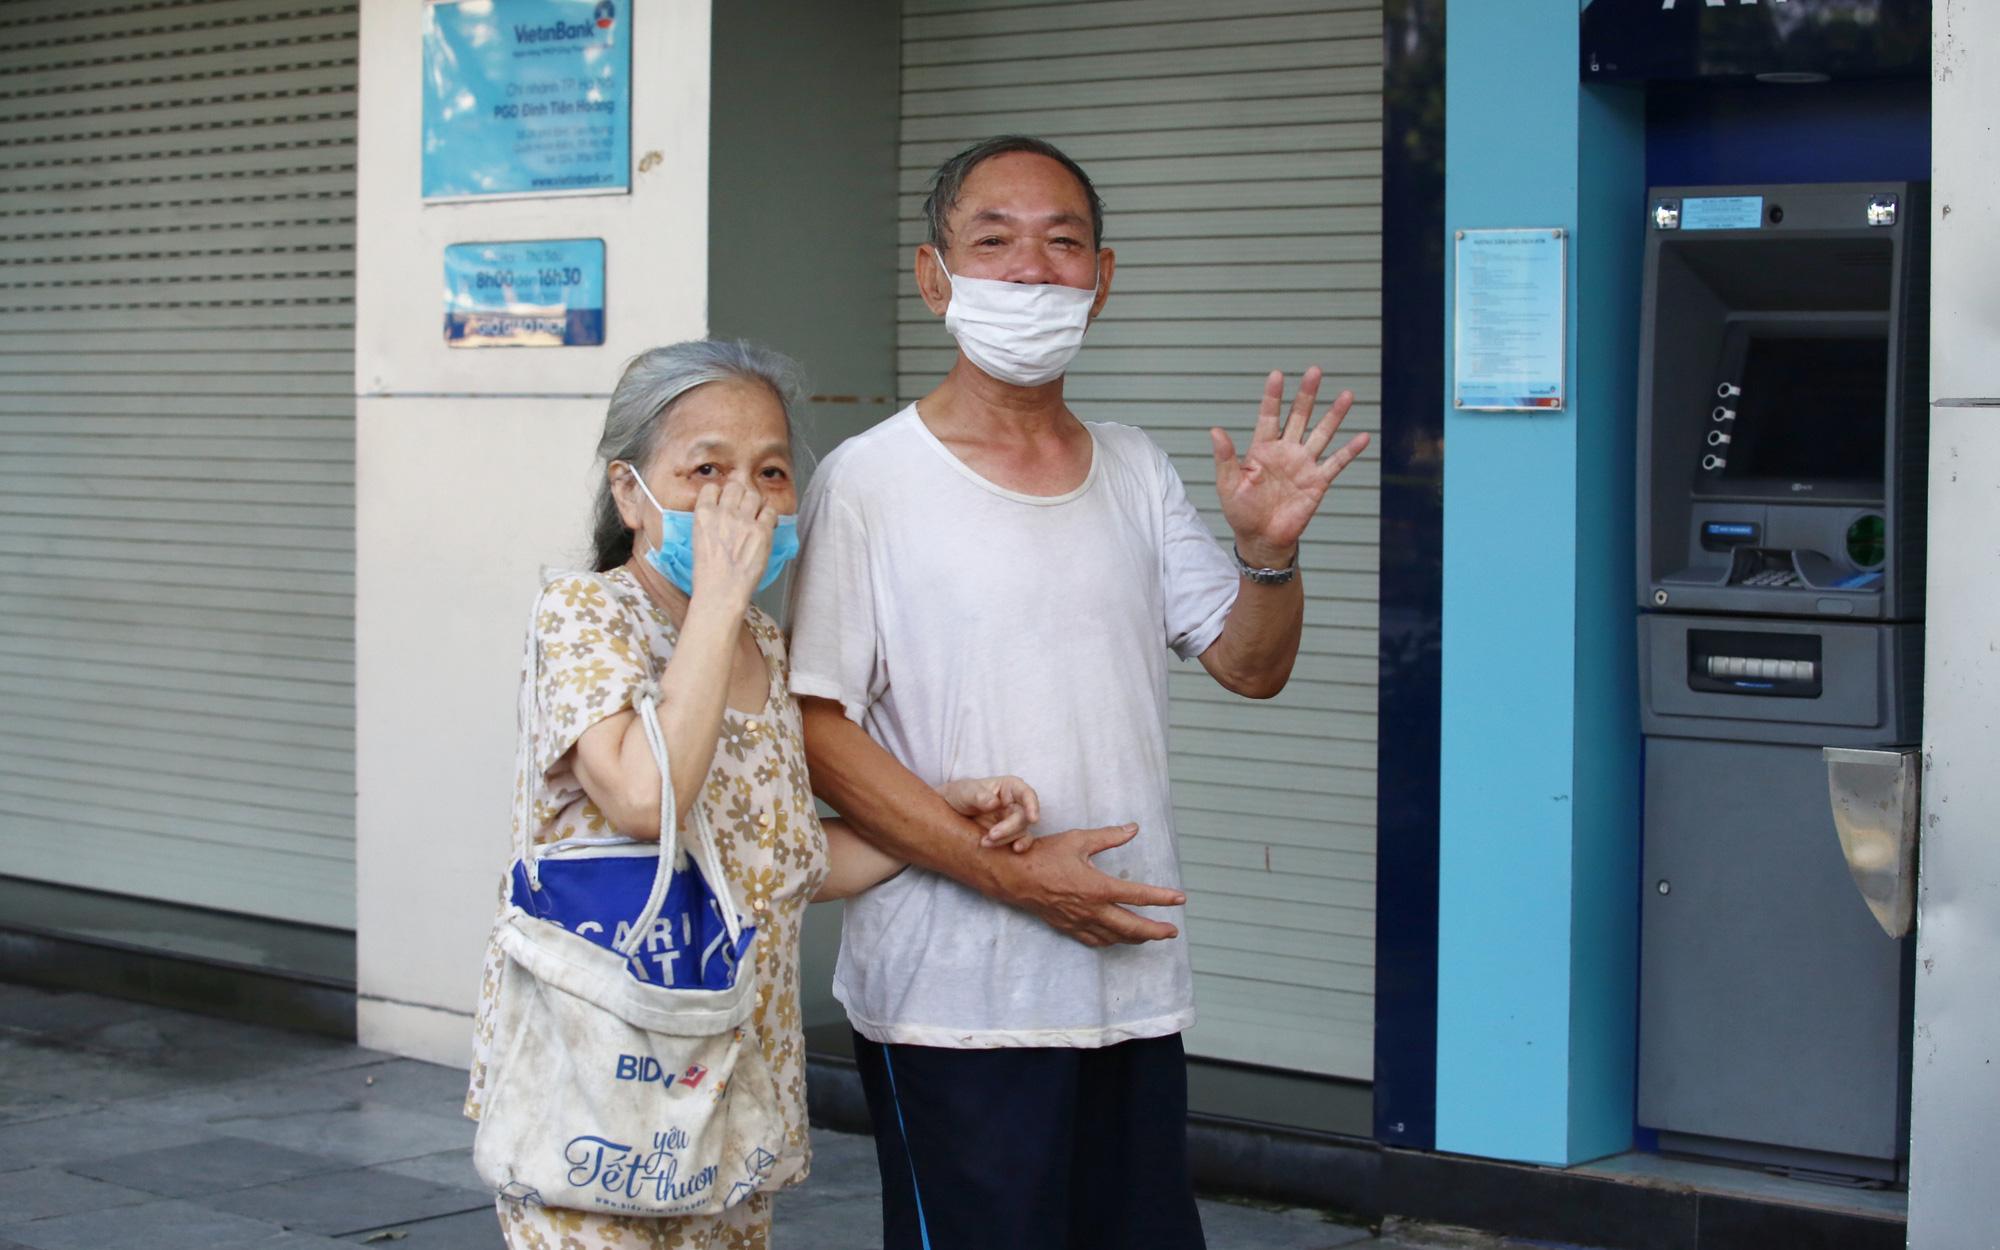 Hà Nội ngày đầu cách ly toàn xã hội: Người dân đồng lòng, chung tay chống dịch Covid-19